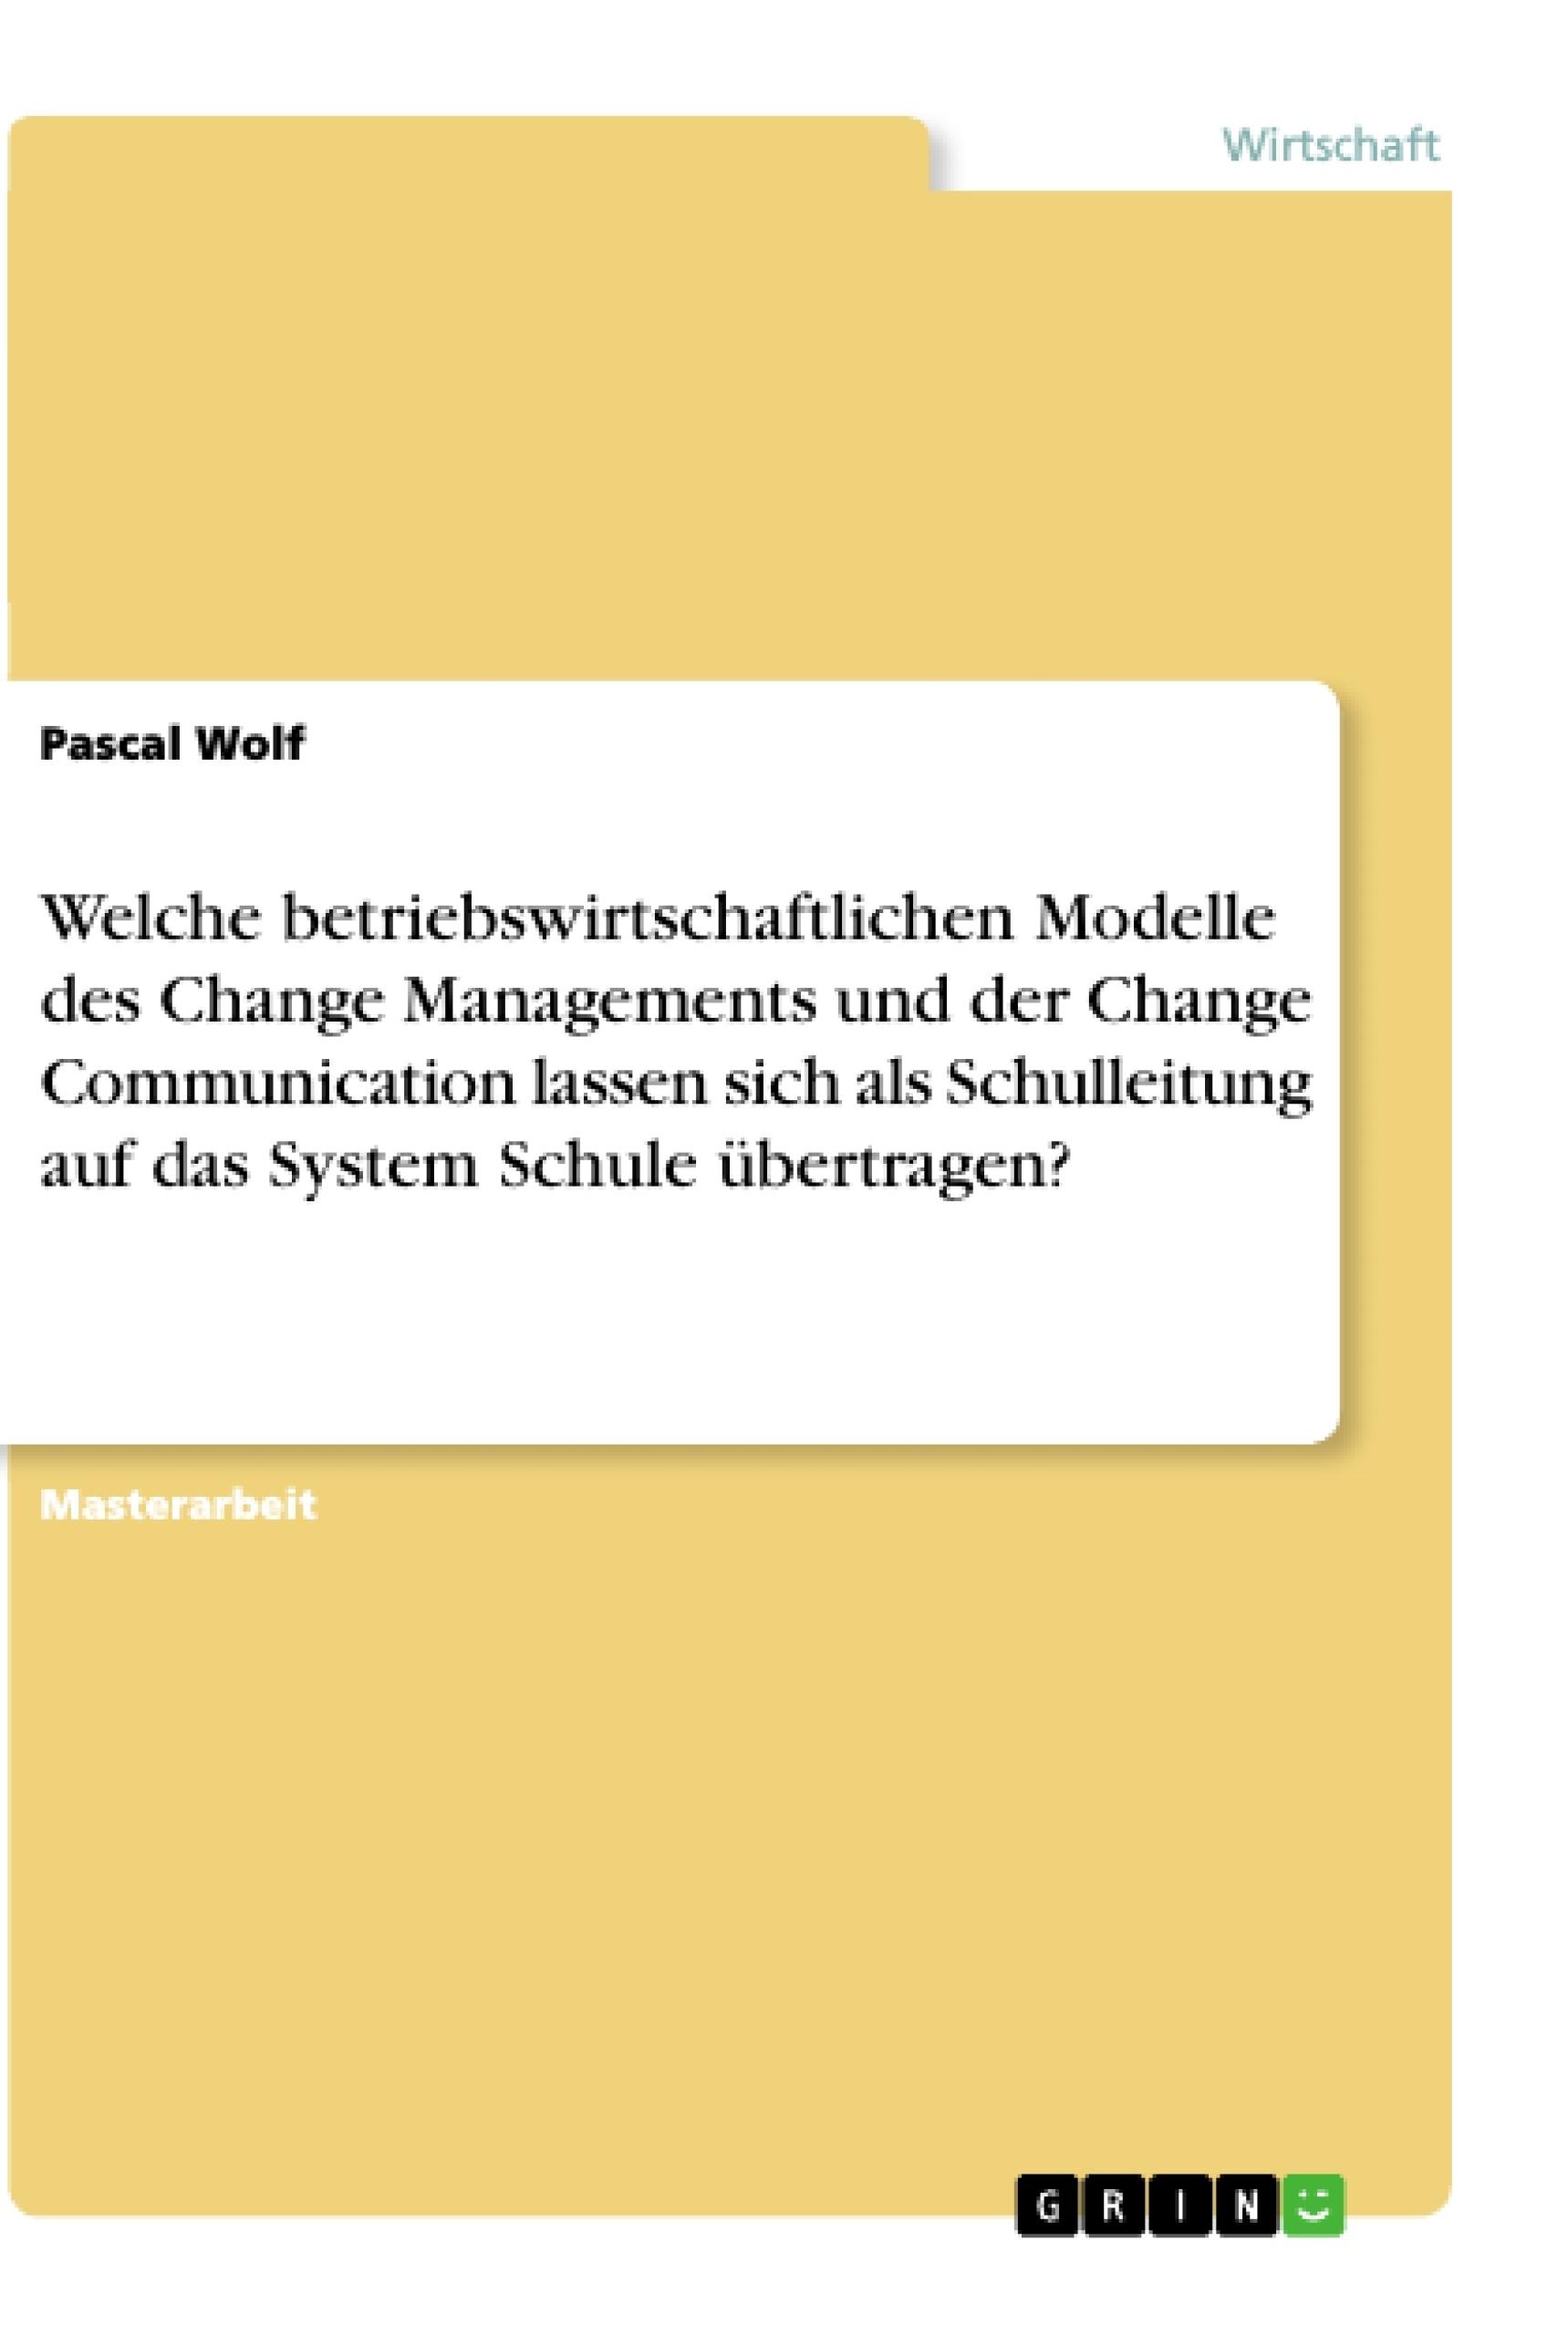 Titel: Welche betriebswirtschaftlichen Modelle des Change Managements und der Change Communication lassen sich als Schulleitung auf das System Schule übertragen?